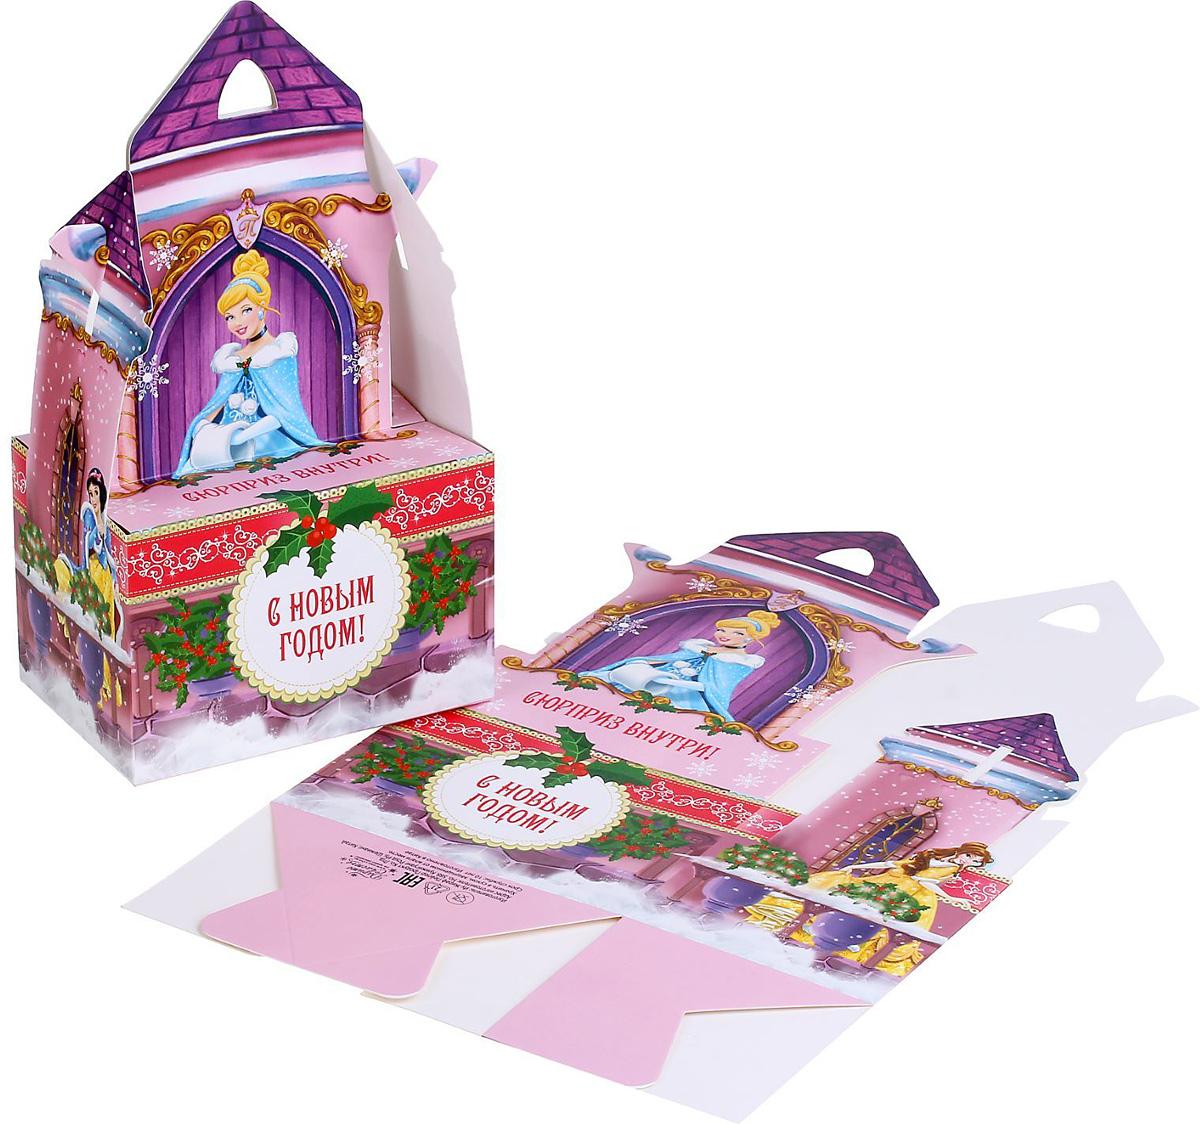 Коробка складная Disney Замок. Принцессы, 15 х 10 х 10 см1398653Коробка складная Disney Замок. Принцессы выполнена из картона. Любой подарок начинается с упаковки. Что может быть трогательнее и волшебнее, чем ритуал разворачивания полученного презента. И именно оригинальная, со вкусом выбранная упаковка выделит ваш подарок из массы других. Она продемонстрирует самые теплые чувства к виновнику торжества и создаст сказочную атмосферу праздника. Размер коробки в сложенном виде: 15 х 10 х 10 см.